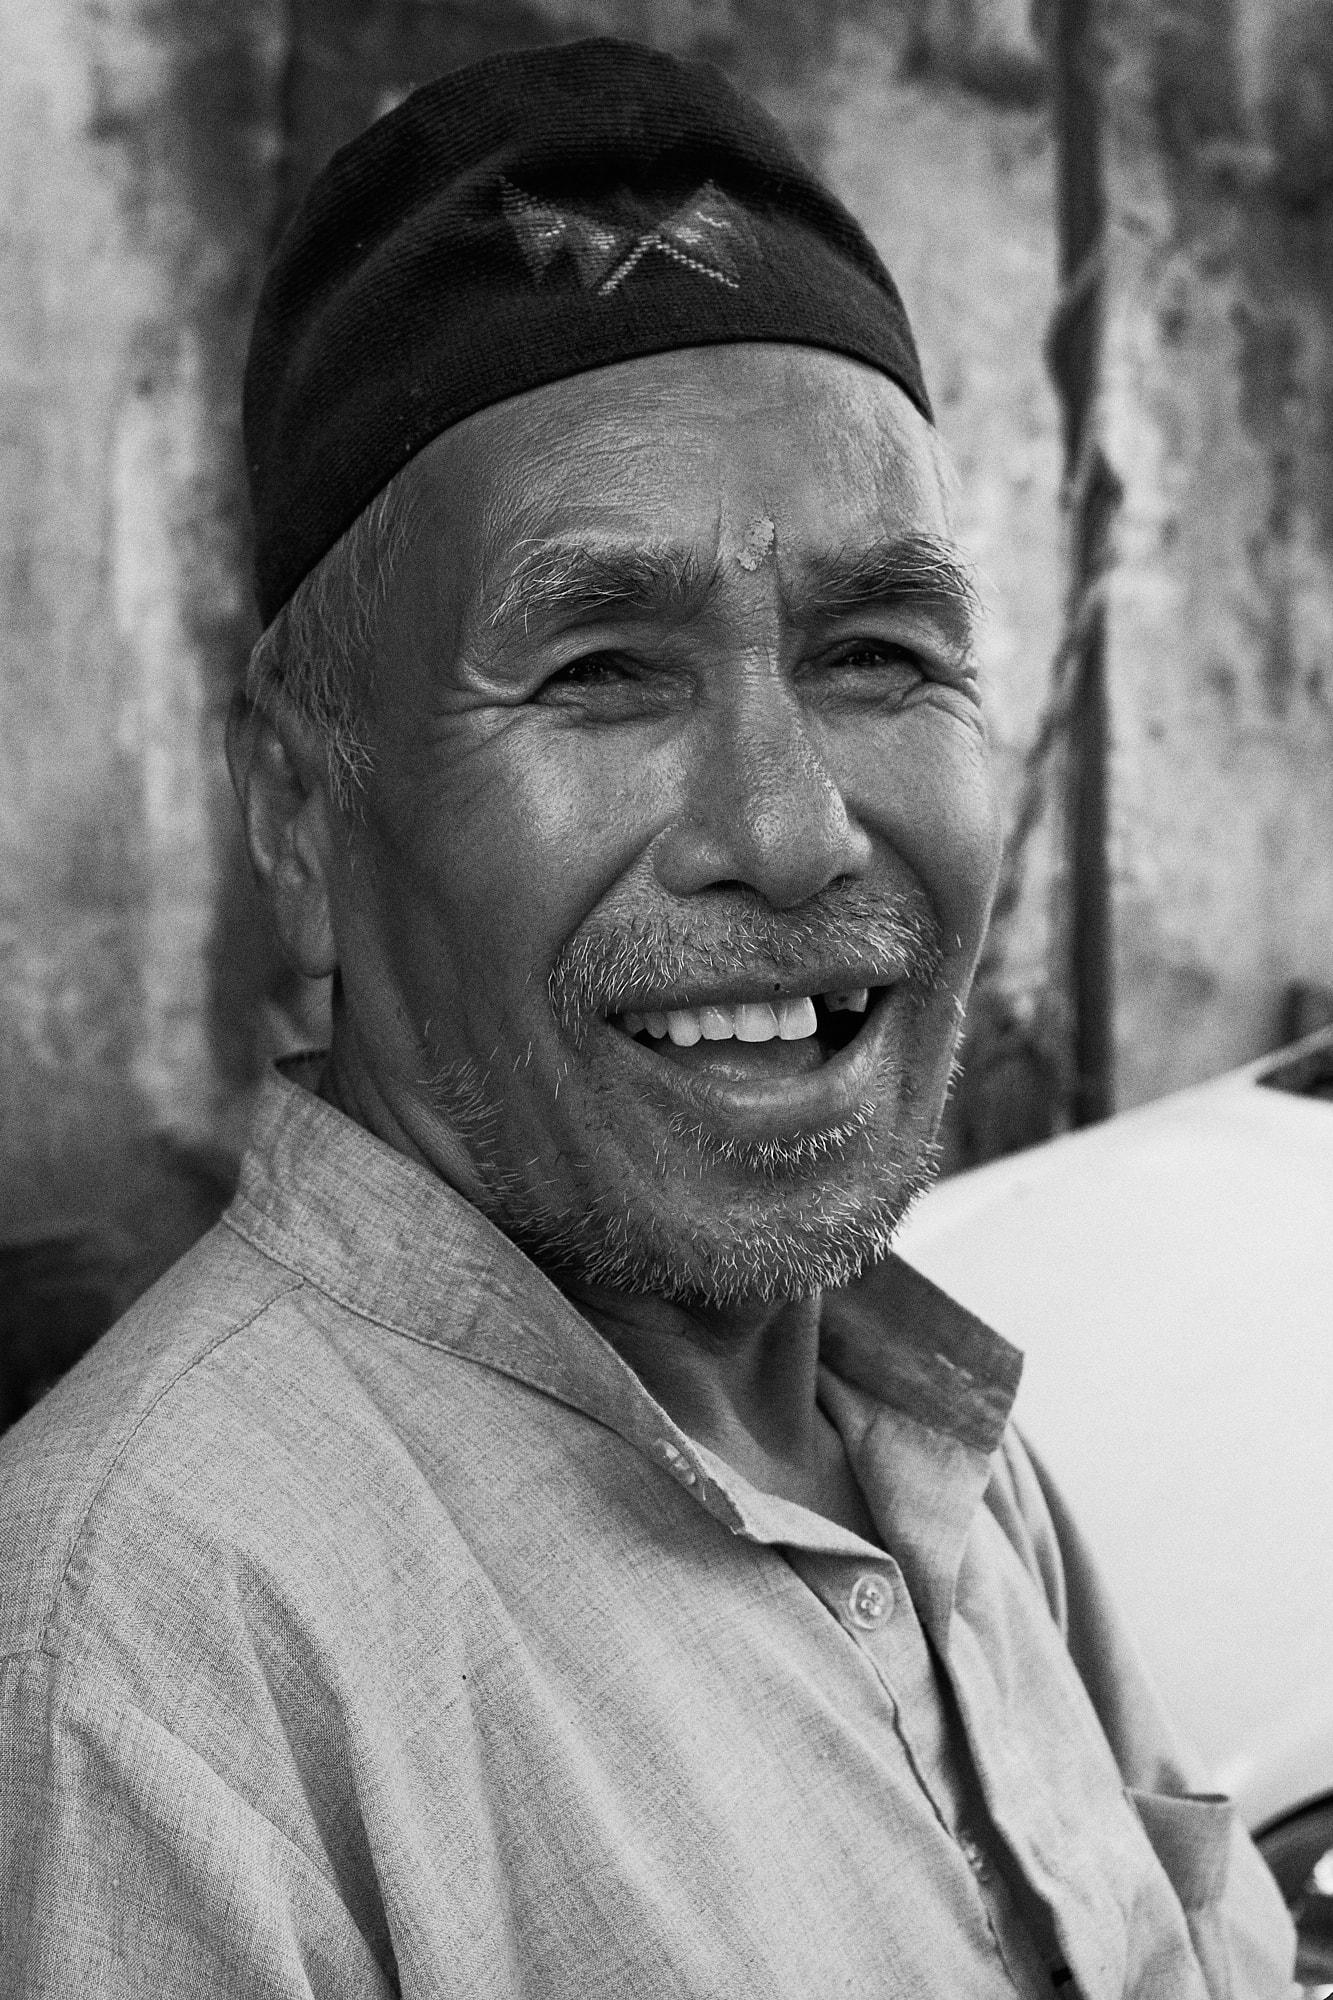 An elderly Nepali man wearing Dhaka topi smiles at camera